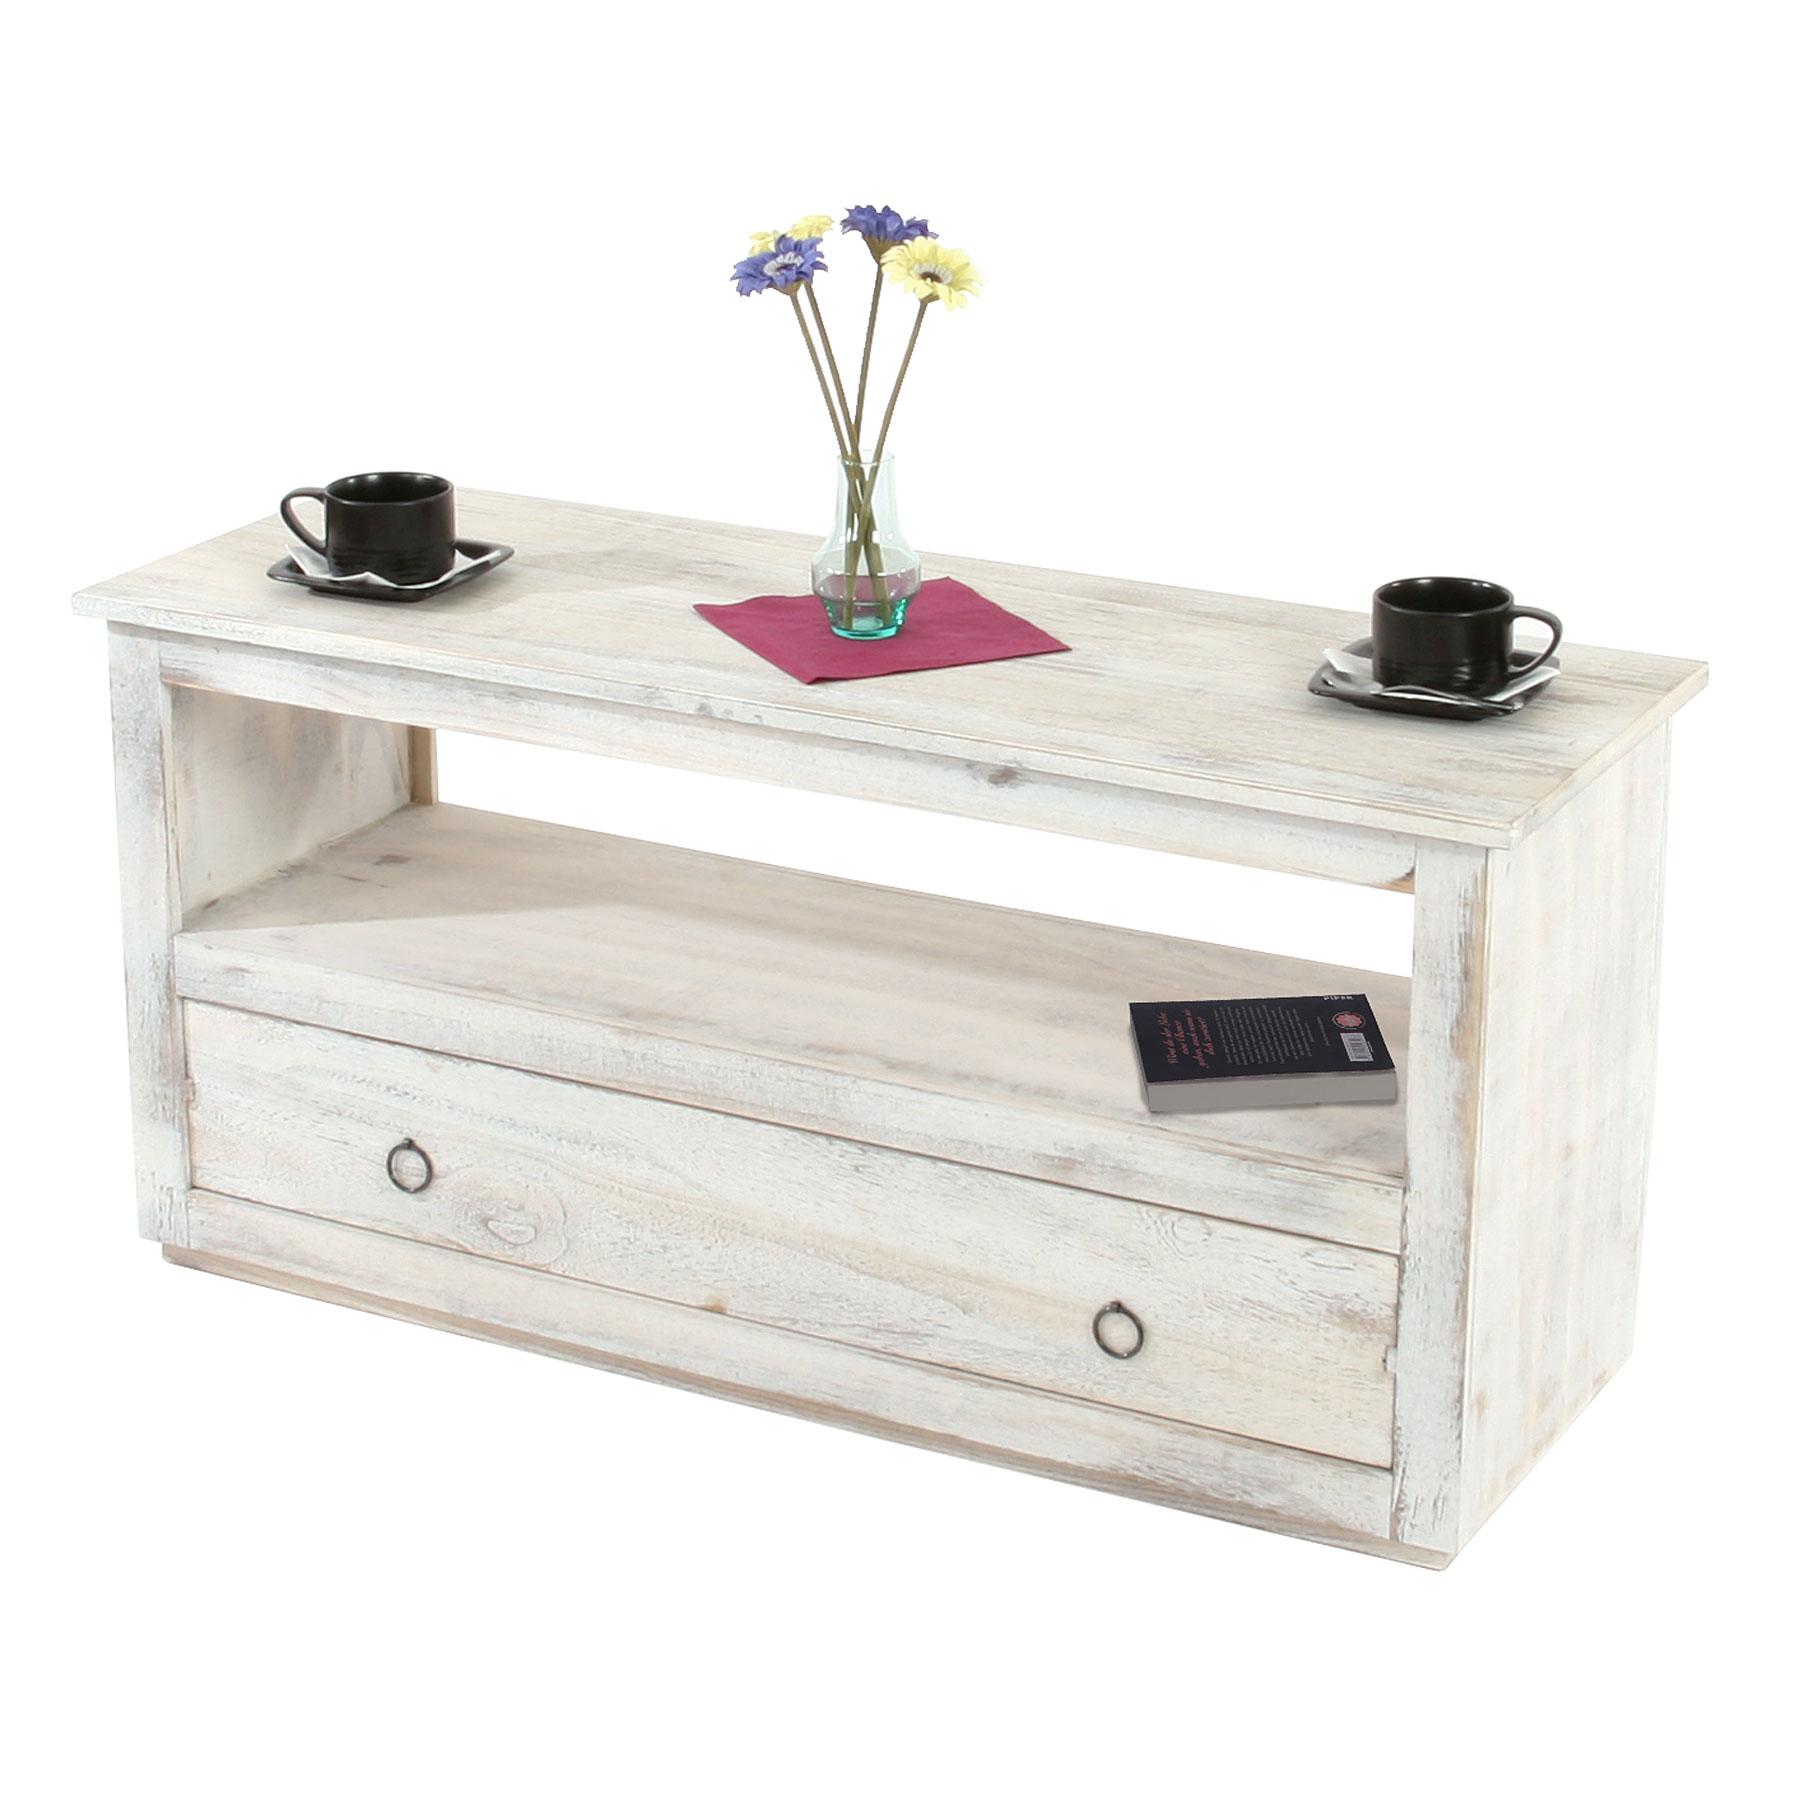 couchtisch wohnzimmertisch beistelltisch shabby look. Black Bedroom Furniture Sets. Home Design Ideas